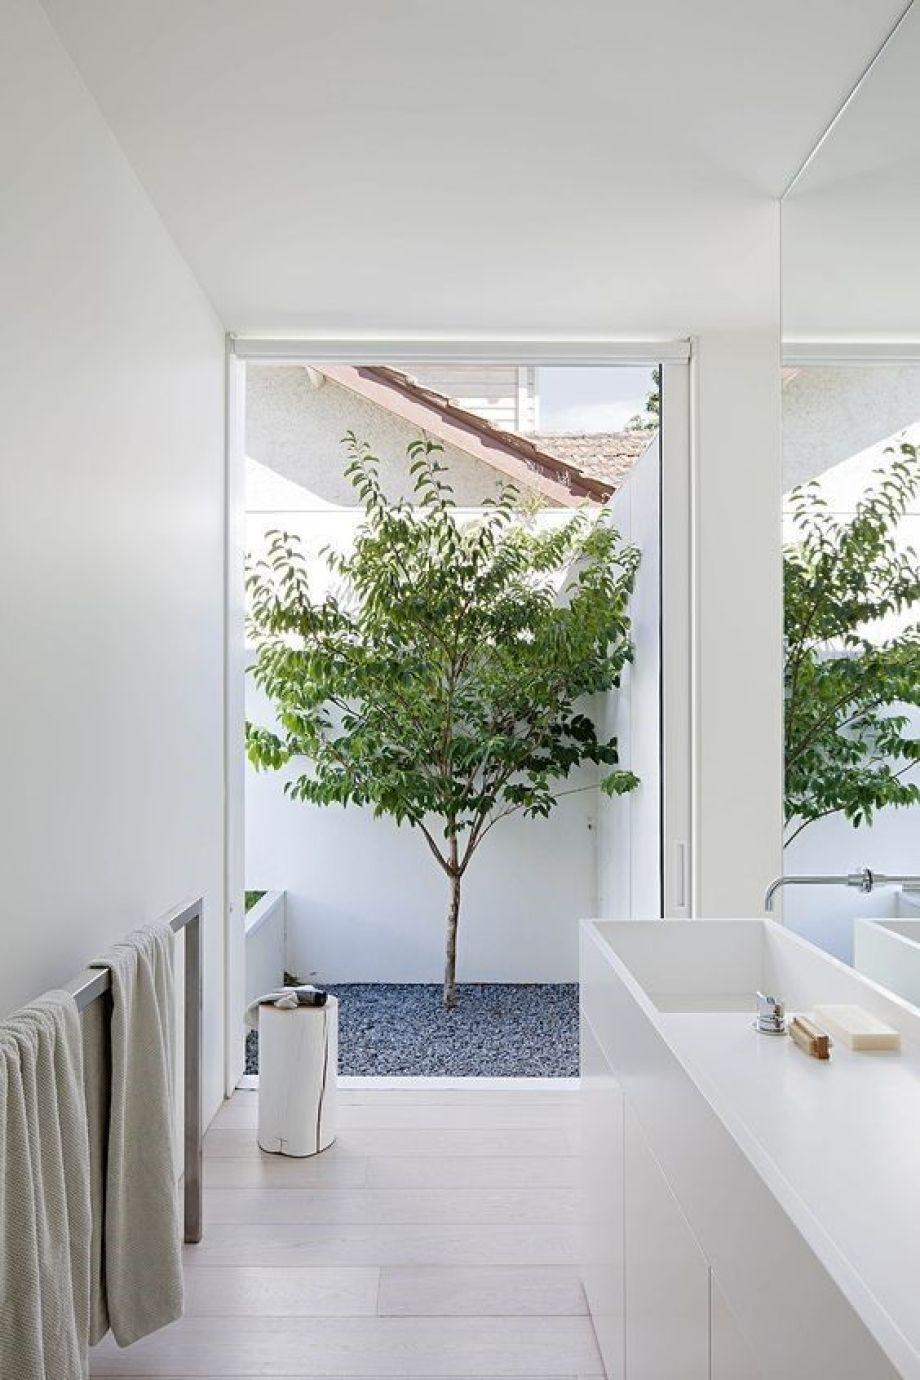 Tendencia en estilos de decoración de interiores Mindfulness, interiores serenos en armonía de tonos neutros @Utrillanais